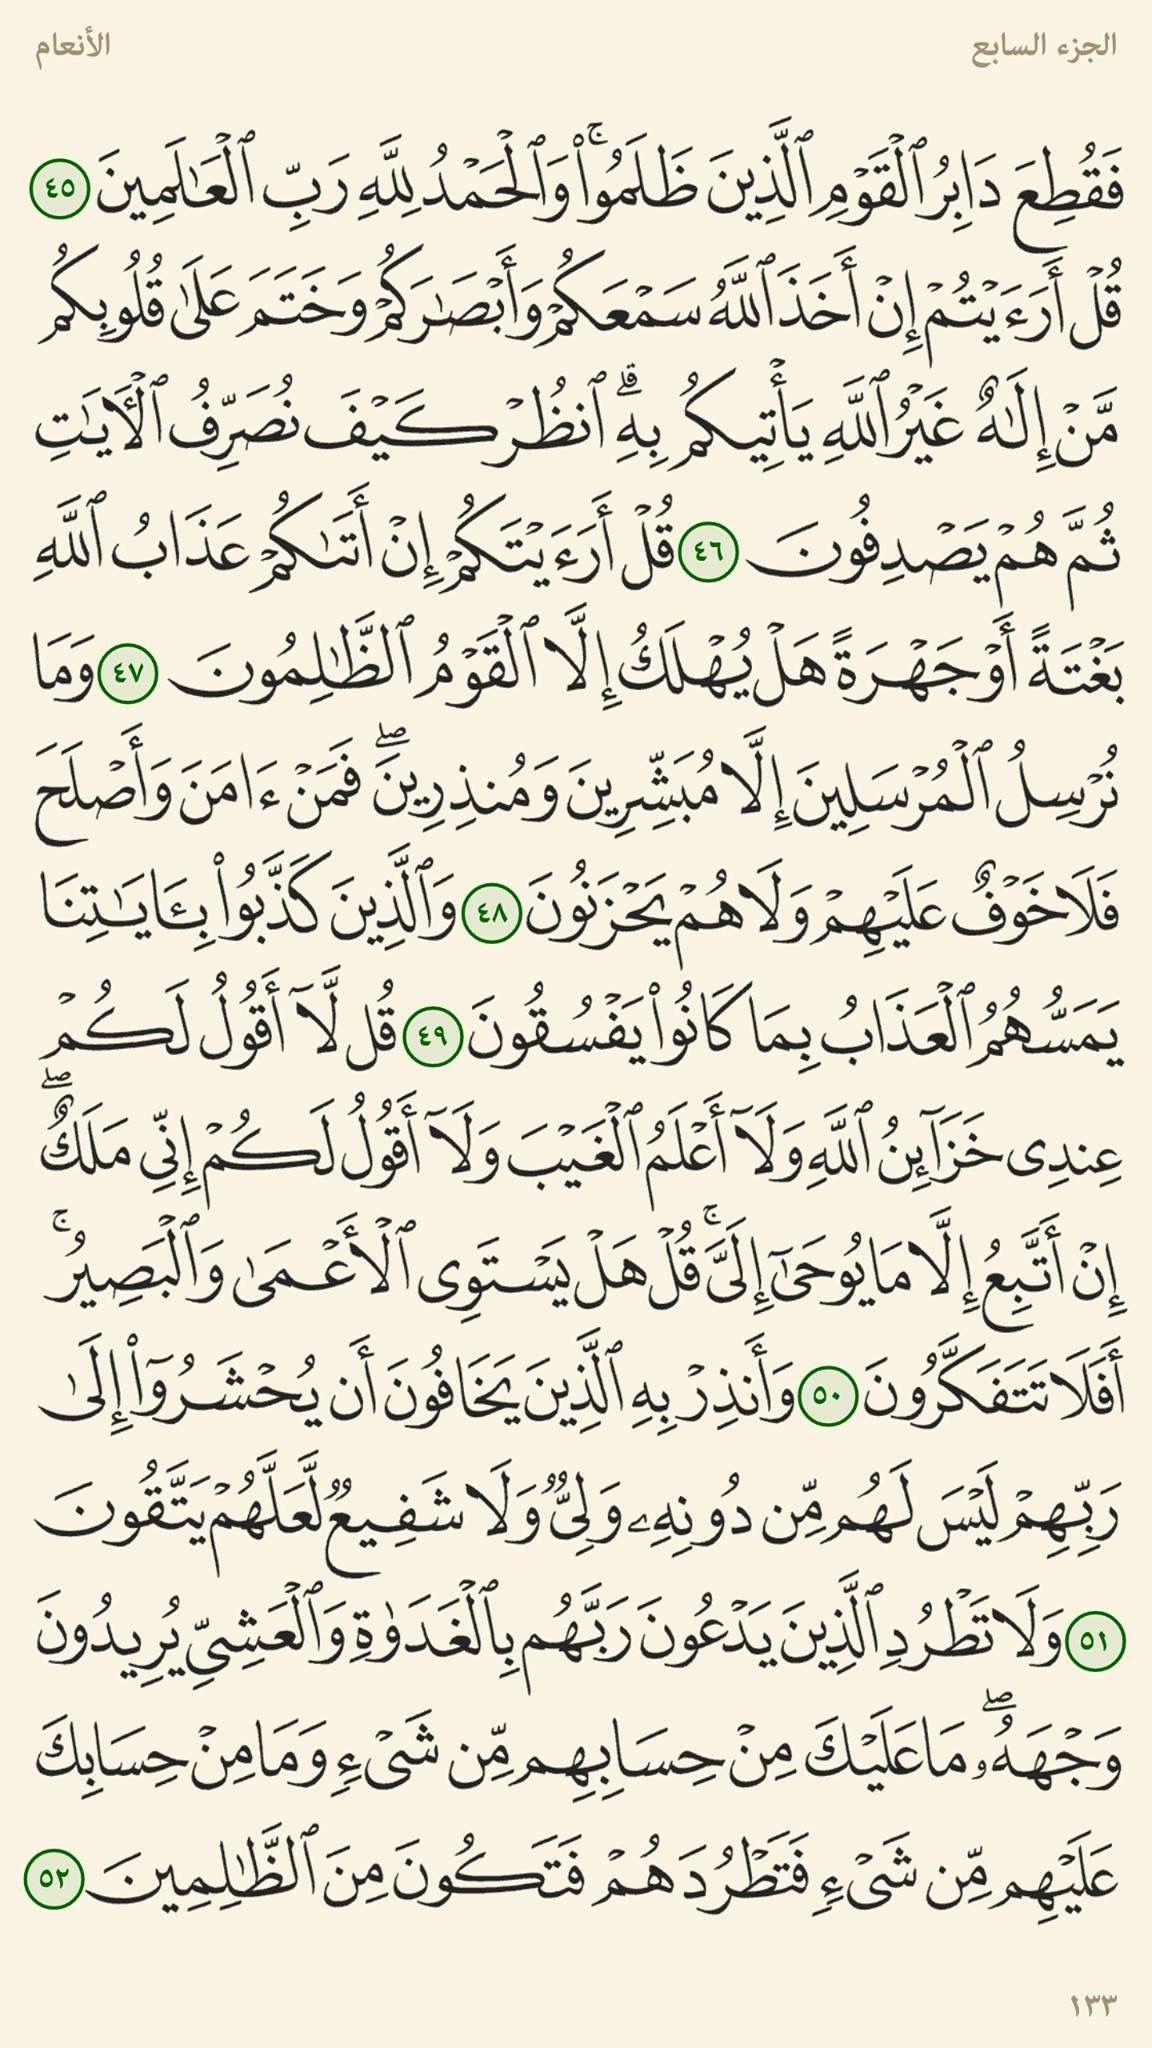 ٤٥ ٥٢ الأنعام صفحات المصحف المرتل عبد الباسط Quran Verses Math Sheet Music